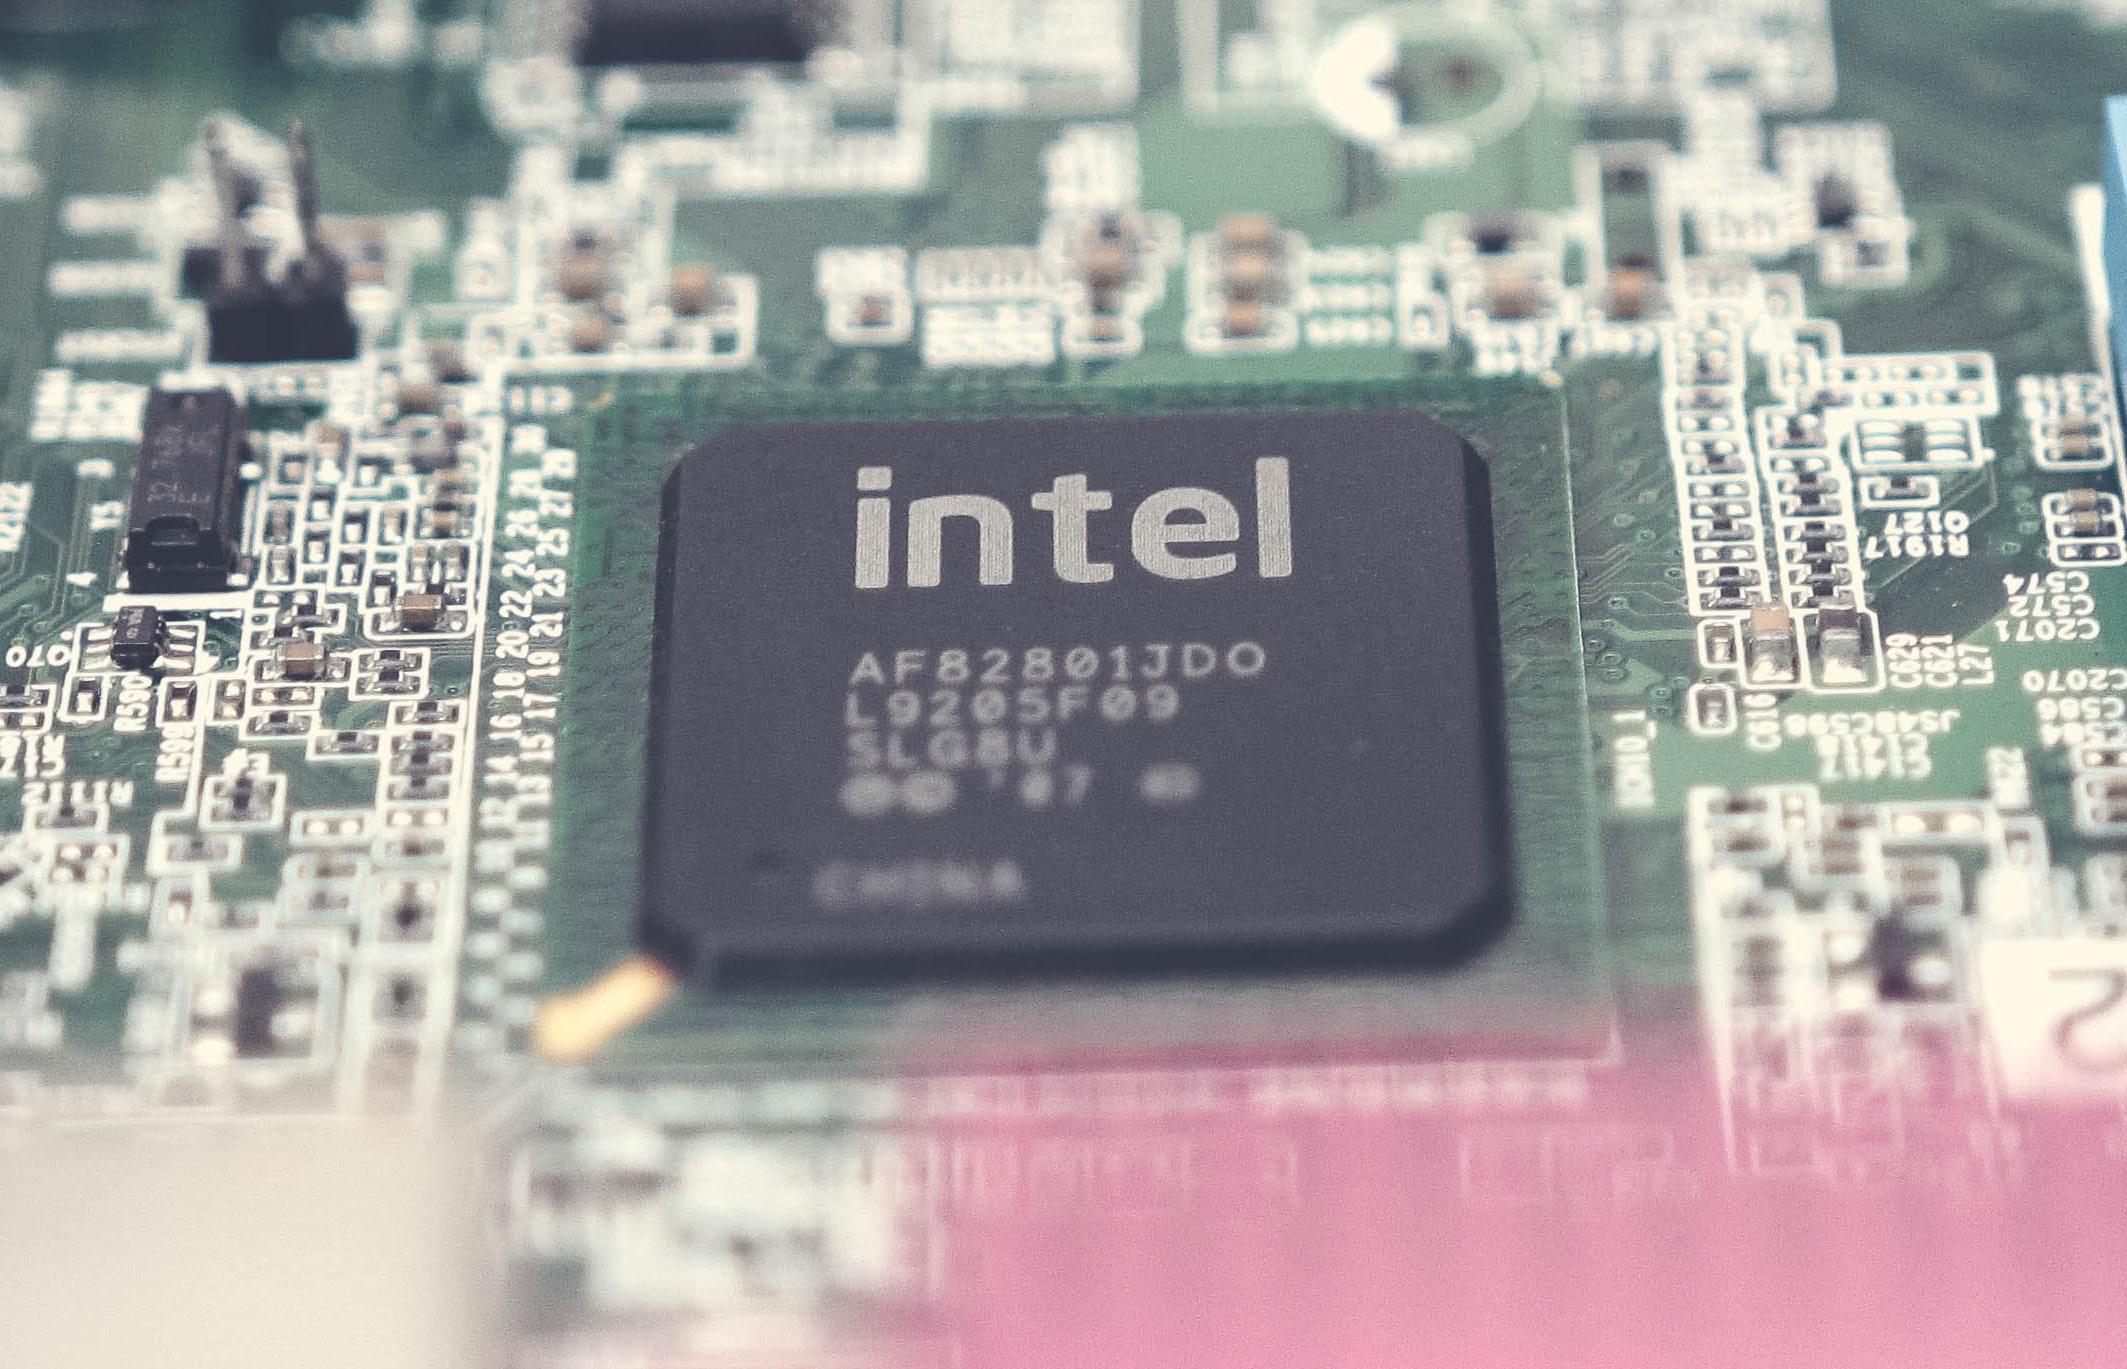 Avant l'accord surprise avec Qualcomm, Apple discutait avec Intel pour racheter son activité modem 5G 1